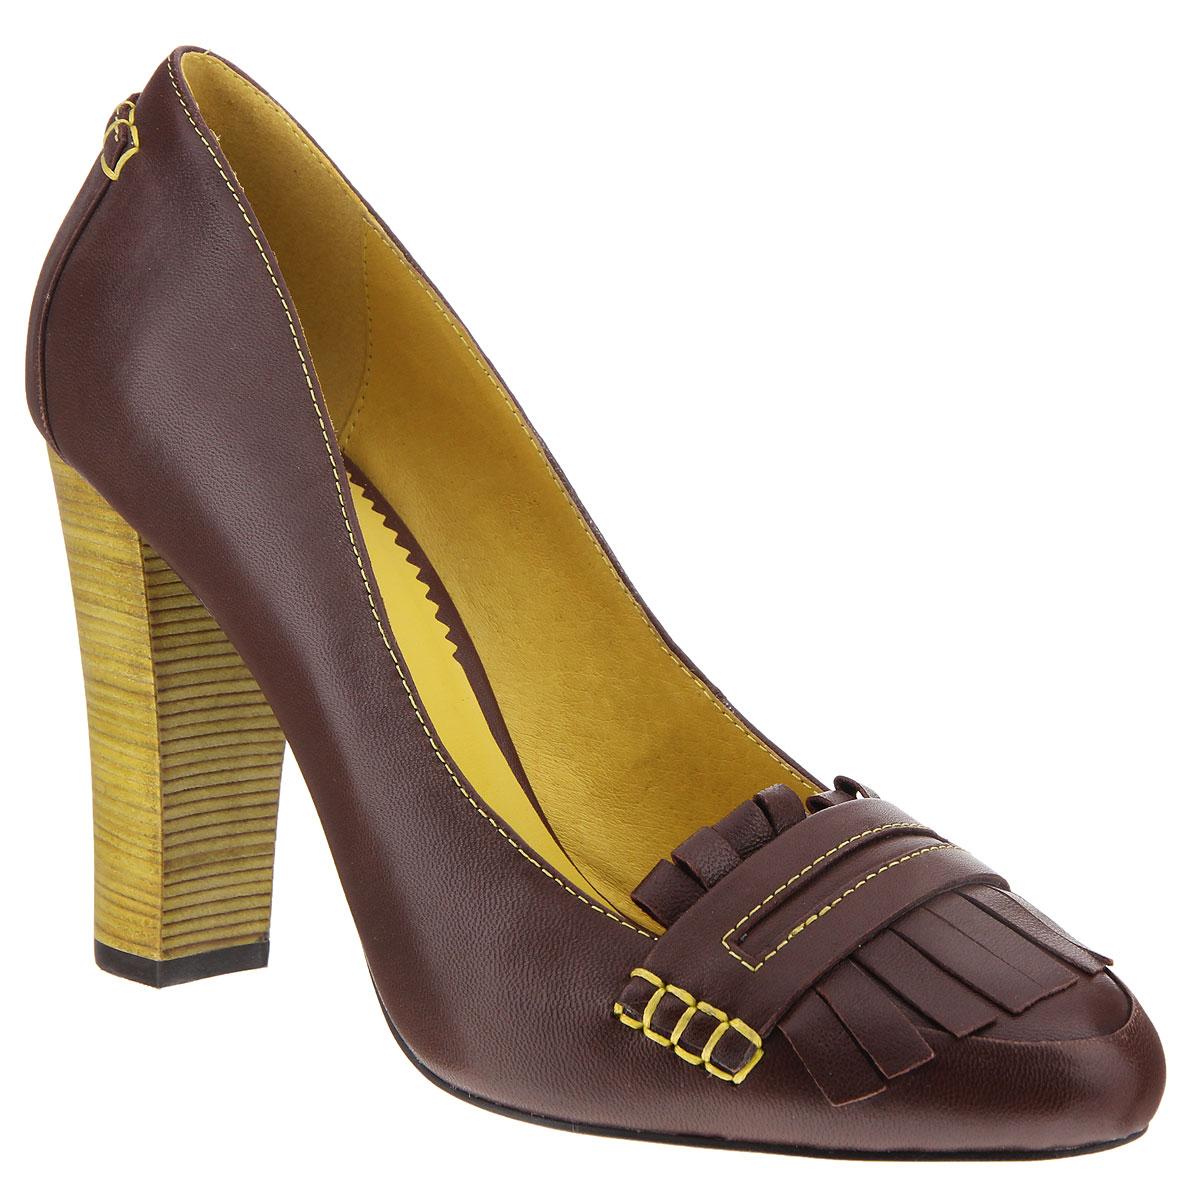 Туфли женские. X221-06AX221-06AЖенские туфли на каблуке от Lisette прекрасно подчеркнут ваш стиль. Верх модели выполнен из натуральной кожи. Внутренняя часть и стелька из натуральной кожи гарантируют комфорт и удобство при ходьбе. Оформлено изделие контрастной строчкой, декоративным ремешком и бахромой из кожи. Устойчивый широкий каблук оформлен декоративной отделкой. Подошва выполнена из прочной резины с противоскользящим рифлением. Такие туфли станут прекрасным дополнением вашего гардероба. Они сделают вас ярче и подчеркнут вашу индивидуальность!